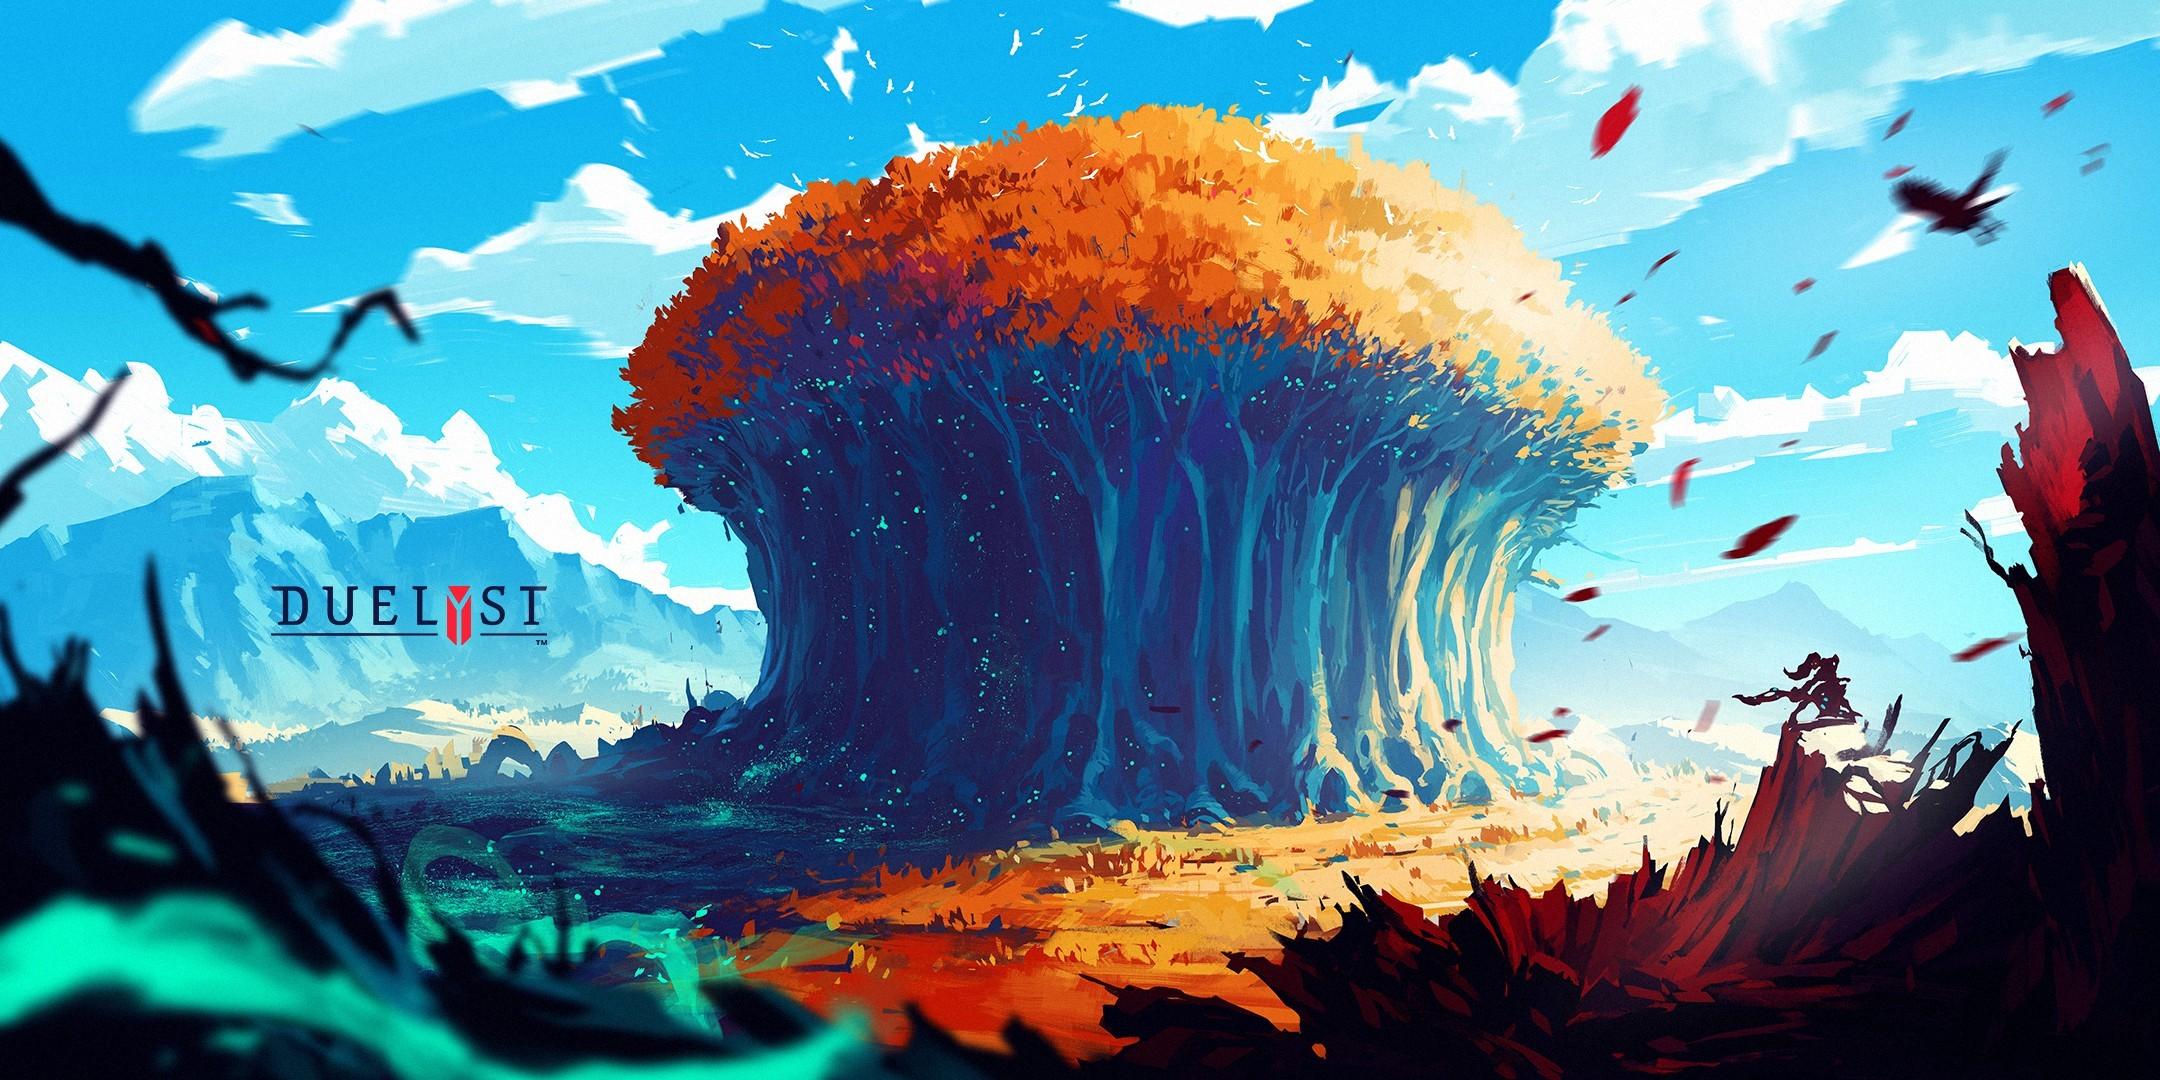 Wallpaper 2160x1080 Px Duelist Fantasy Art 2160x1080 Wallpaperup 1023173 Hd Wallpapers Wallhere